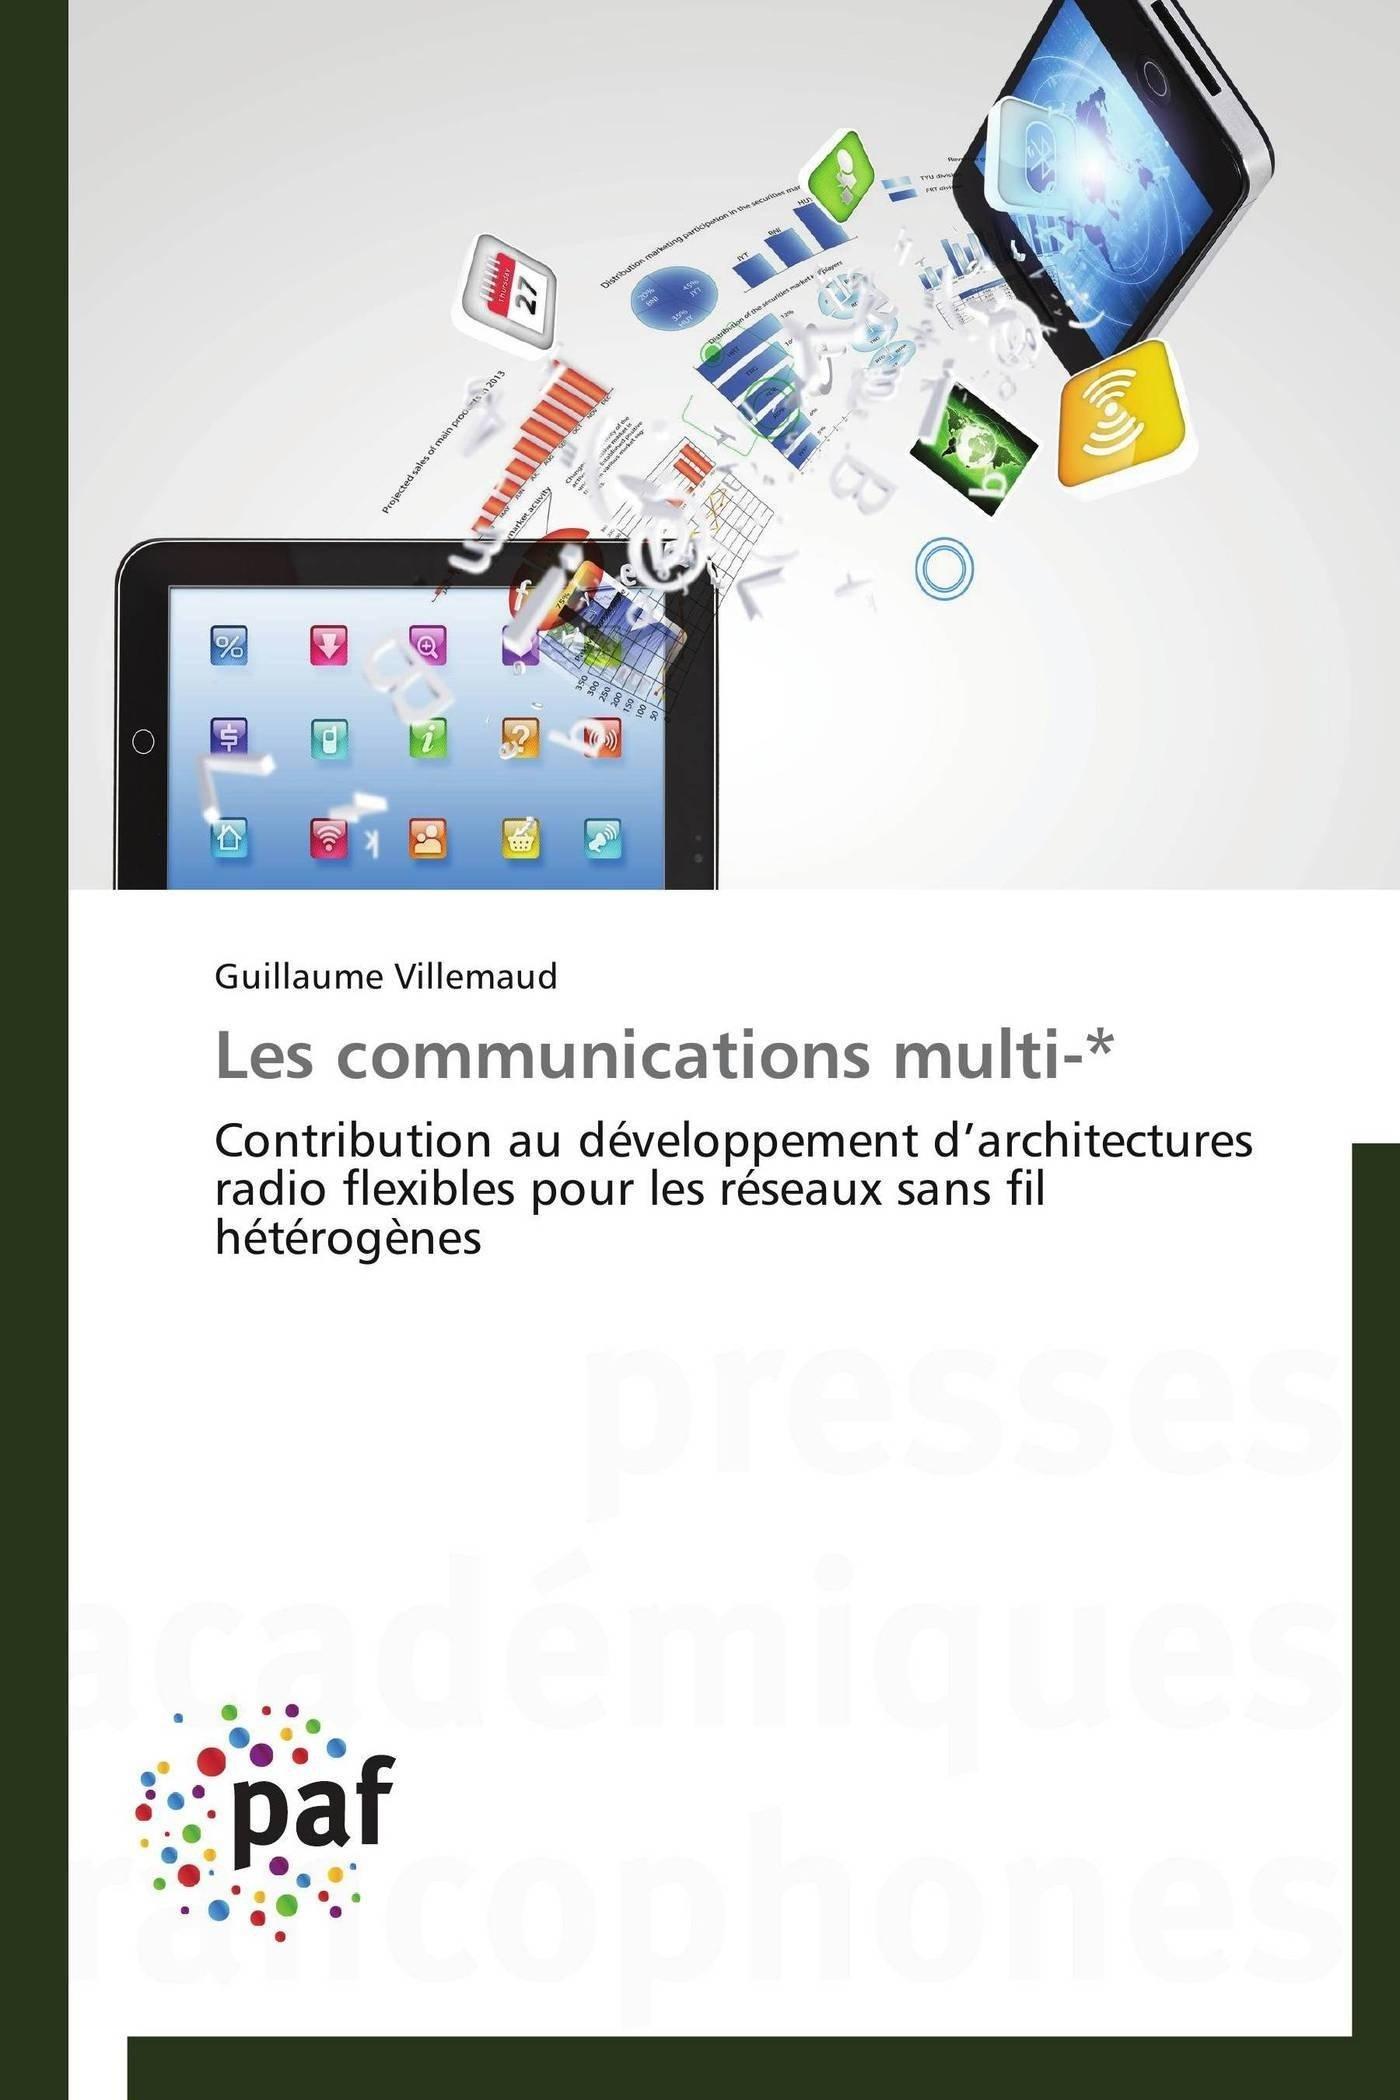 Read Online Les communications multi-*: Contribution au développement d'architectures radio flexibles pour les réseaux sans fil hétérogènes (Omn.Pres.Franc.) (French Edition) PDF